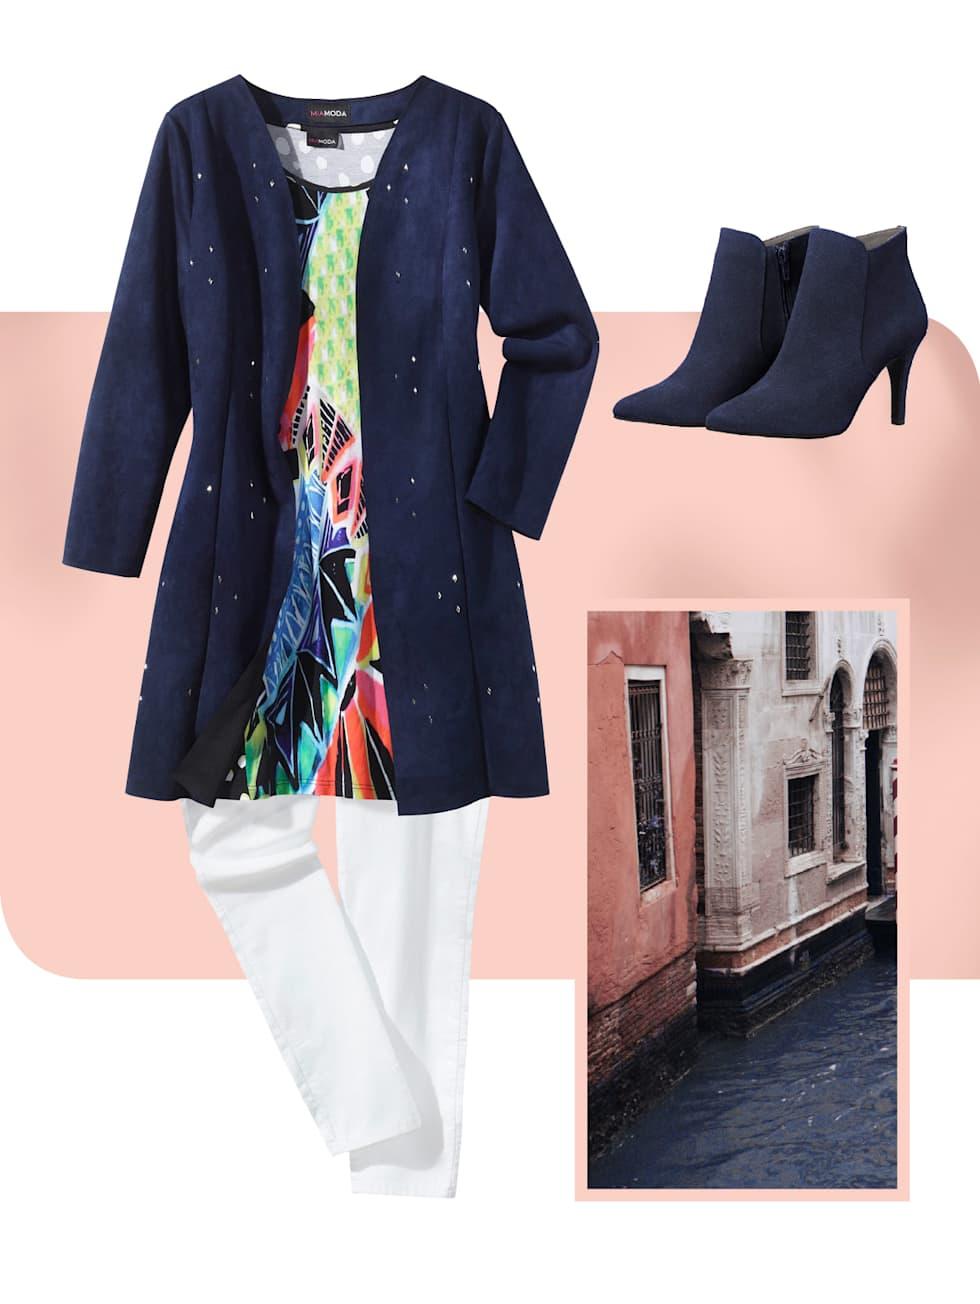 MIAMODA grandes tailles campagne couleurs vives - tenue de couleur bleu